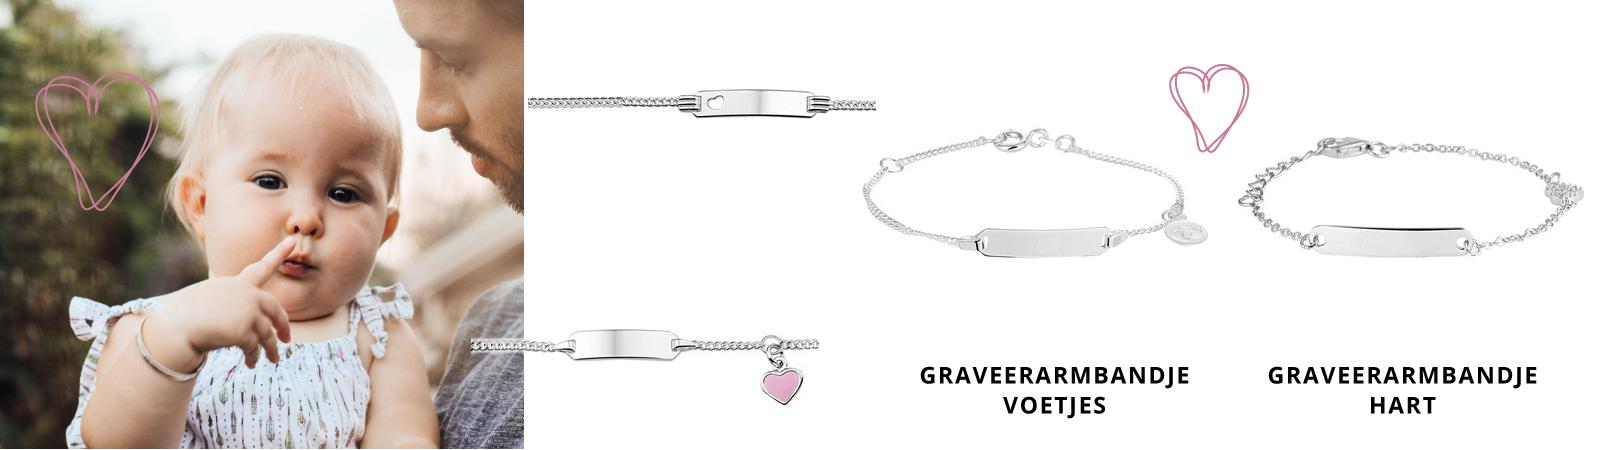 Sieraden-cadeau-baby-zilveren-en-gouden-geboortesieraden-verkrijgbaar-bij-Wolters-Juweliers-Coevorden-Emmen